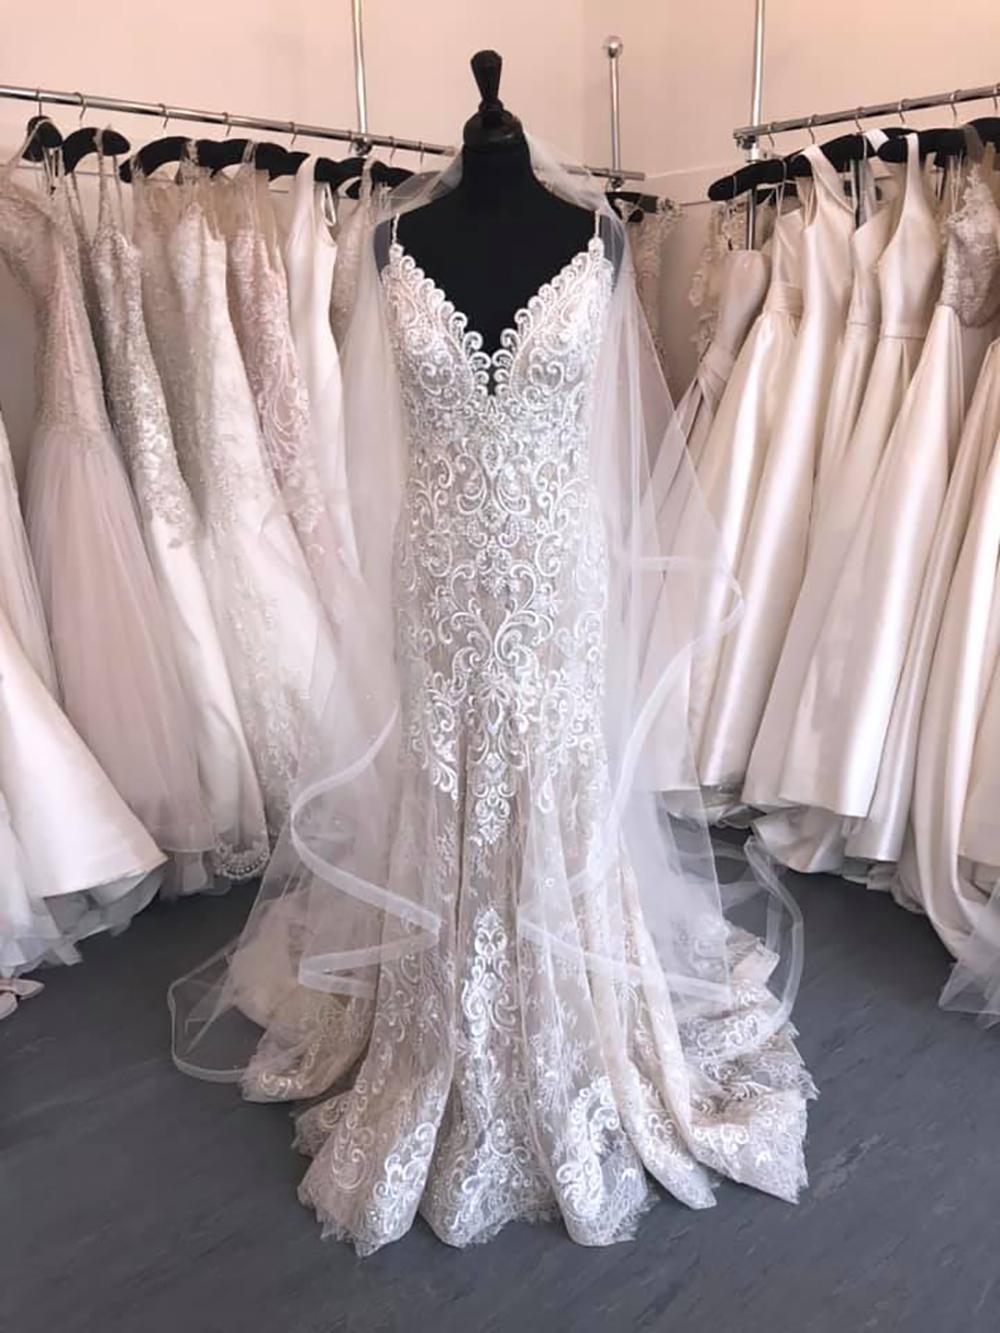 Bibbidi Bobbidi Boo Bridal Boutique